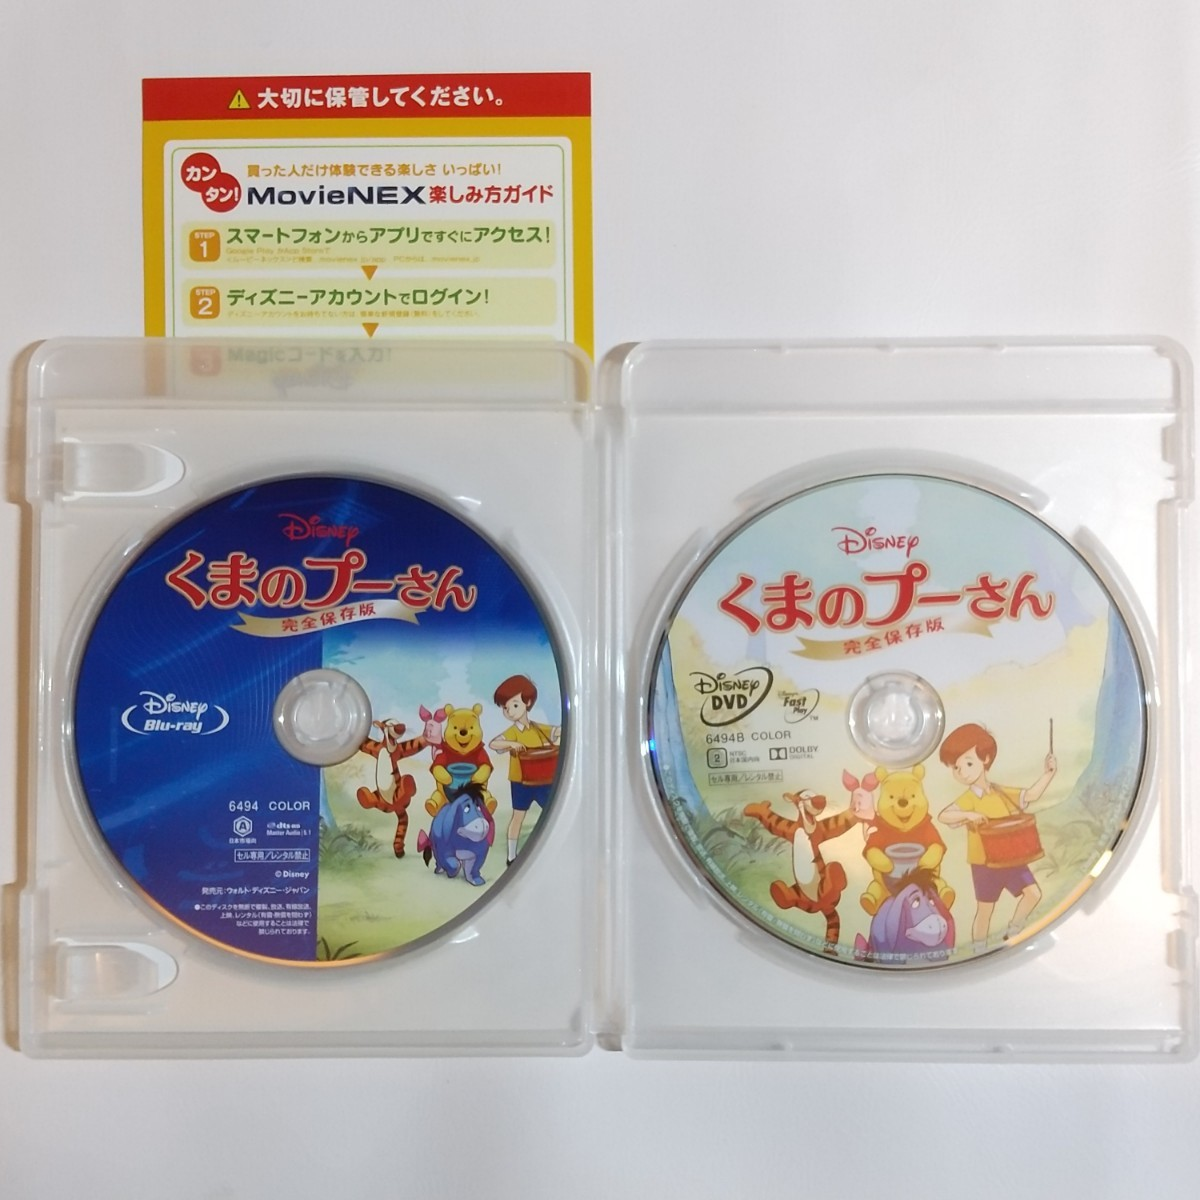 ディズニー くまのプーさん 完全保存版  MovieNEX  Blu-ray+DVD  ブルーレイ